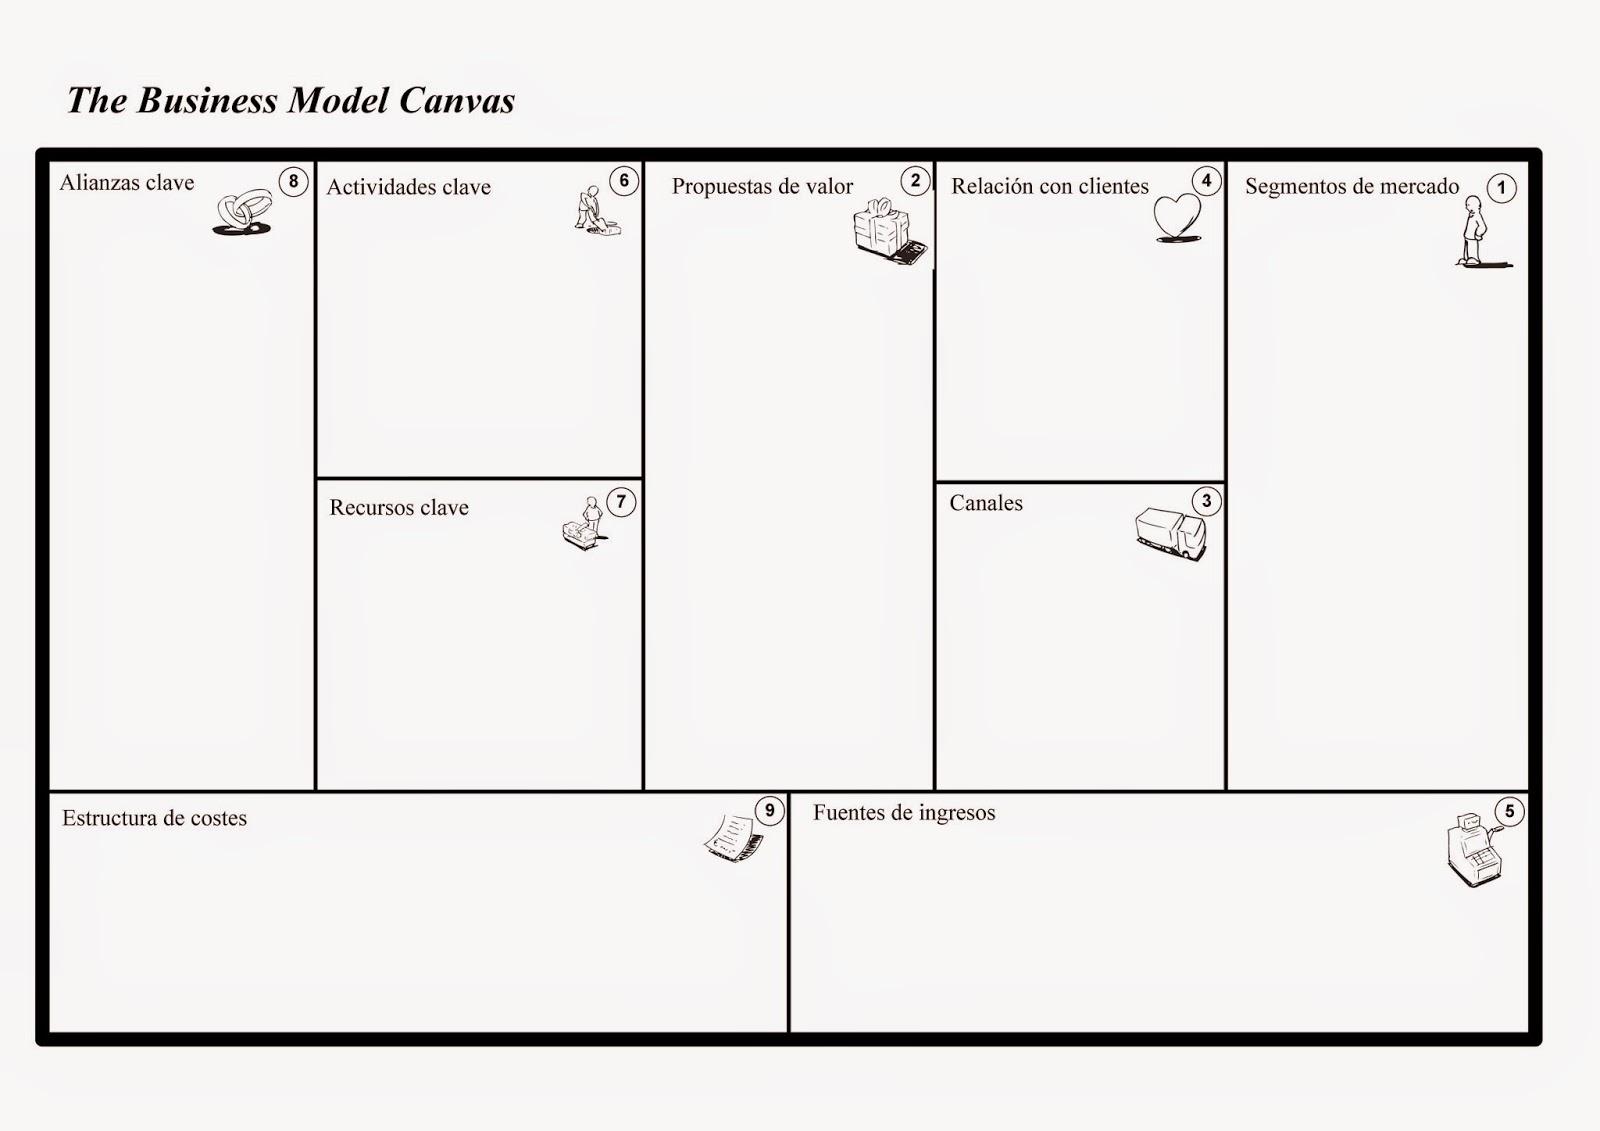 ATRAY Soluciones: El modelo CANVAS para los planes de negocio